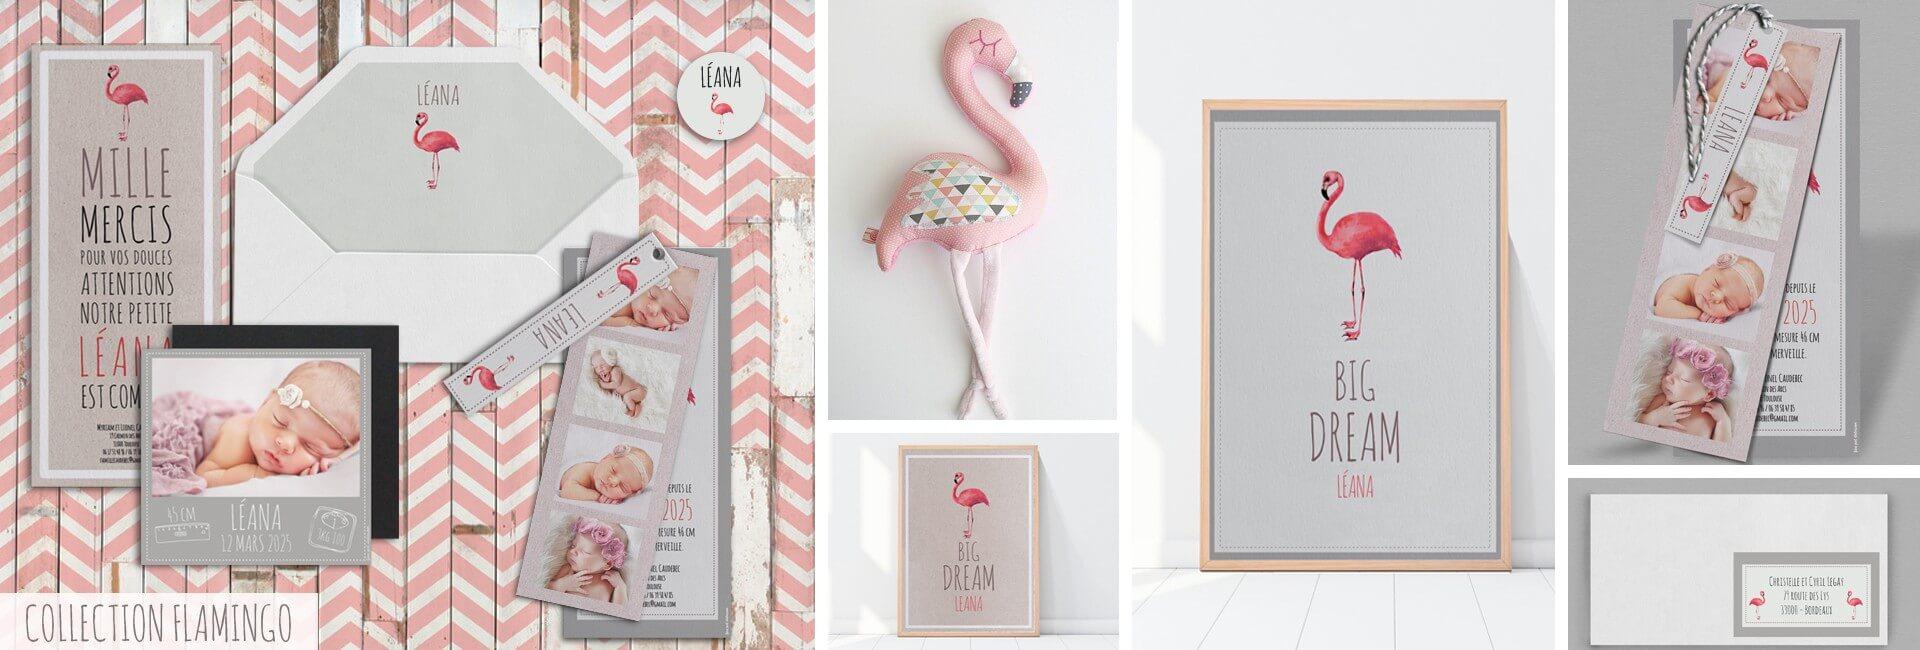 Collection Naissance Flamingo